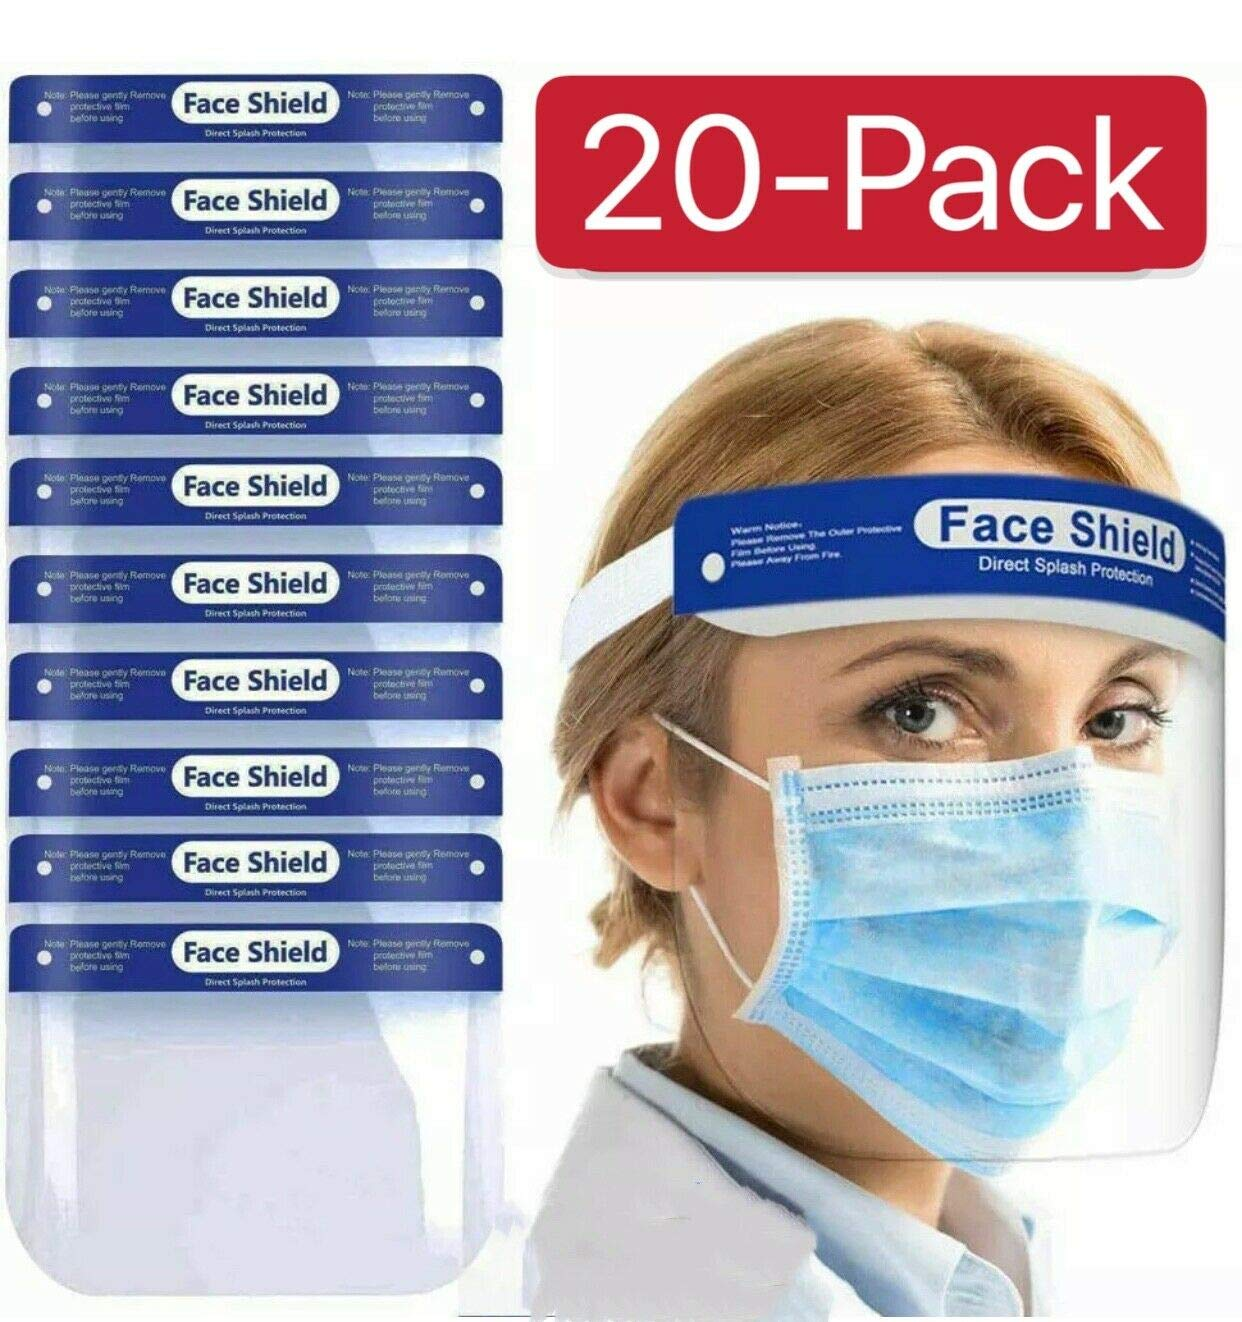 20 unidades lentes antivaho ligeras resistente a salpicaduras protecci/ón completa ajustables transparentes Protector facial de seguridad visera ancha unisex SB Components